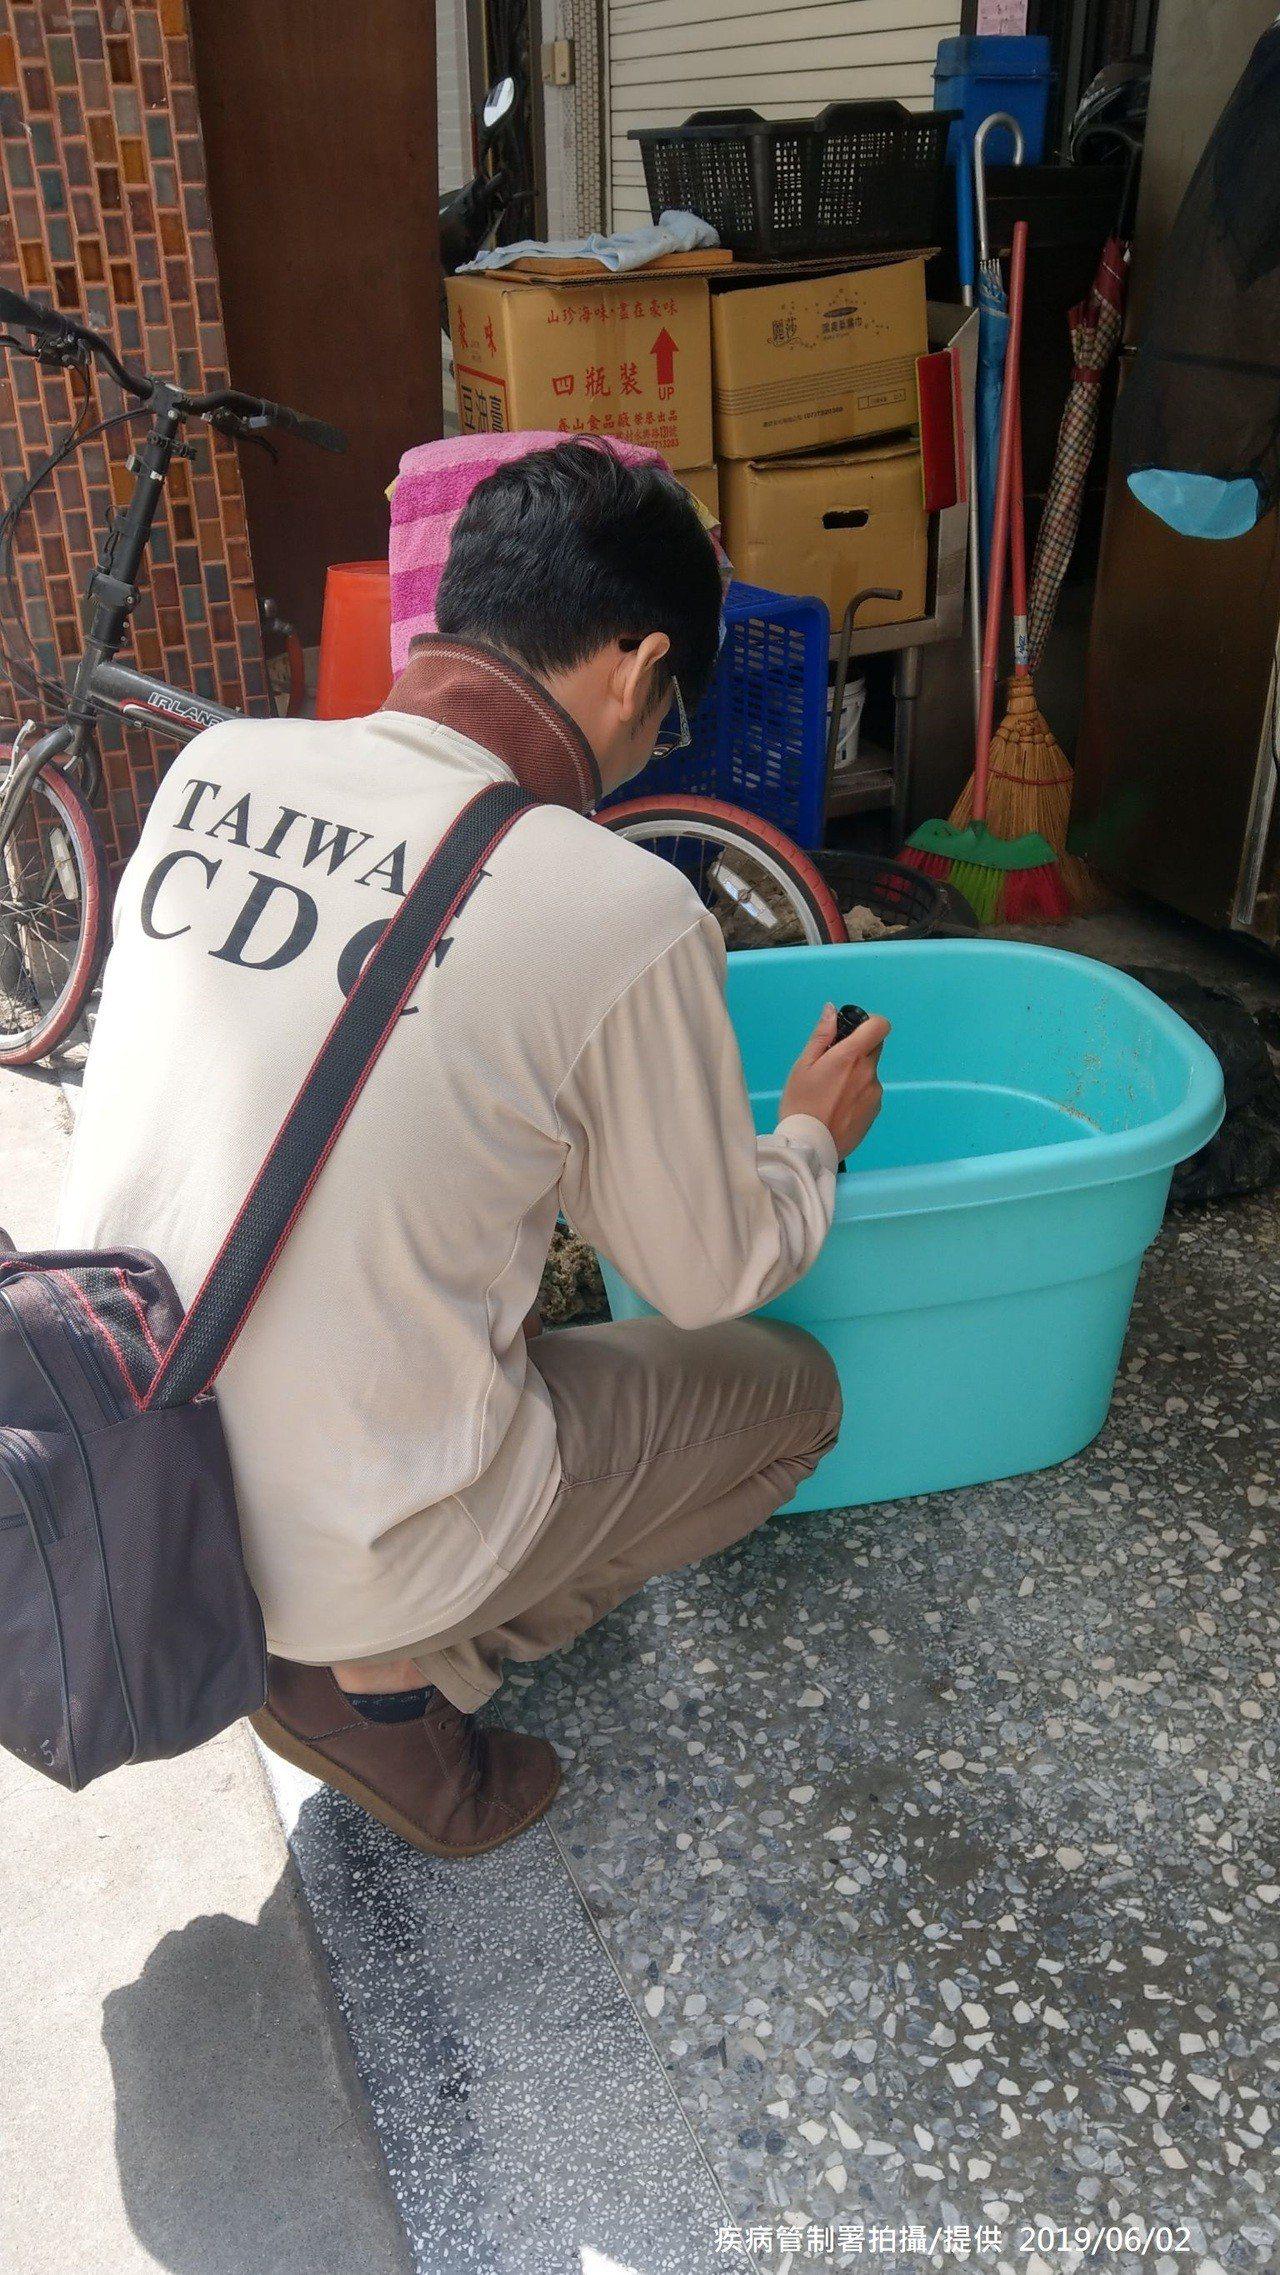 防疫人員協助清除病媒蚊孳生源。衛福部疾管署提供